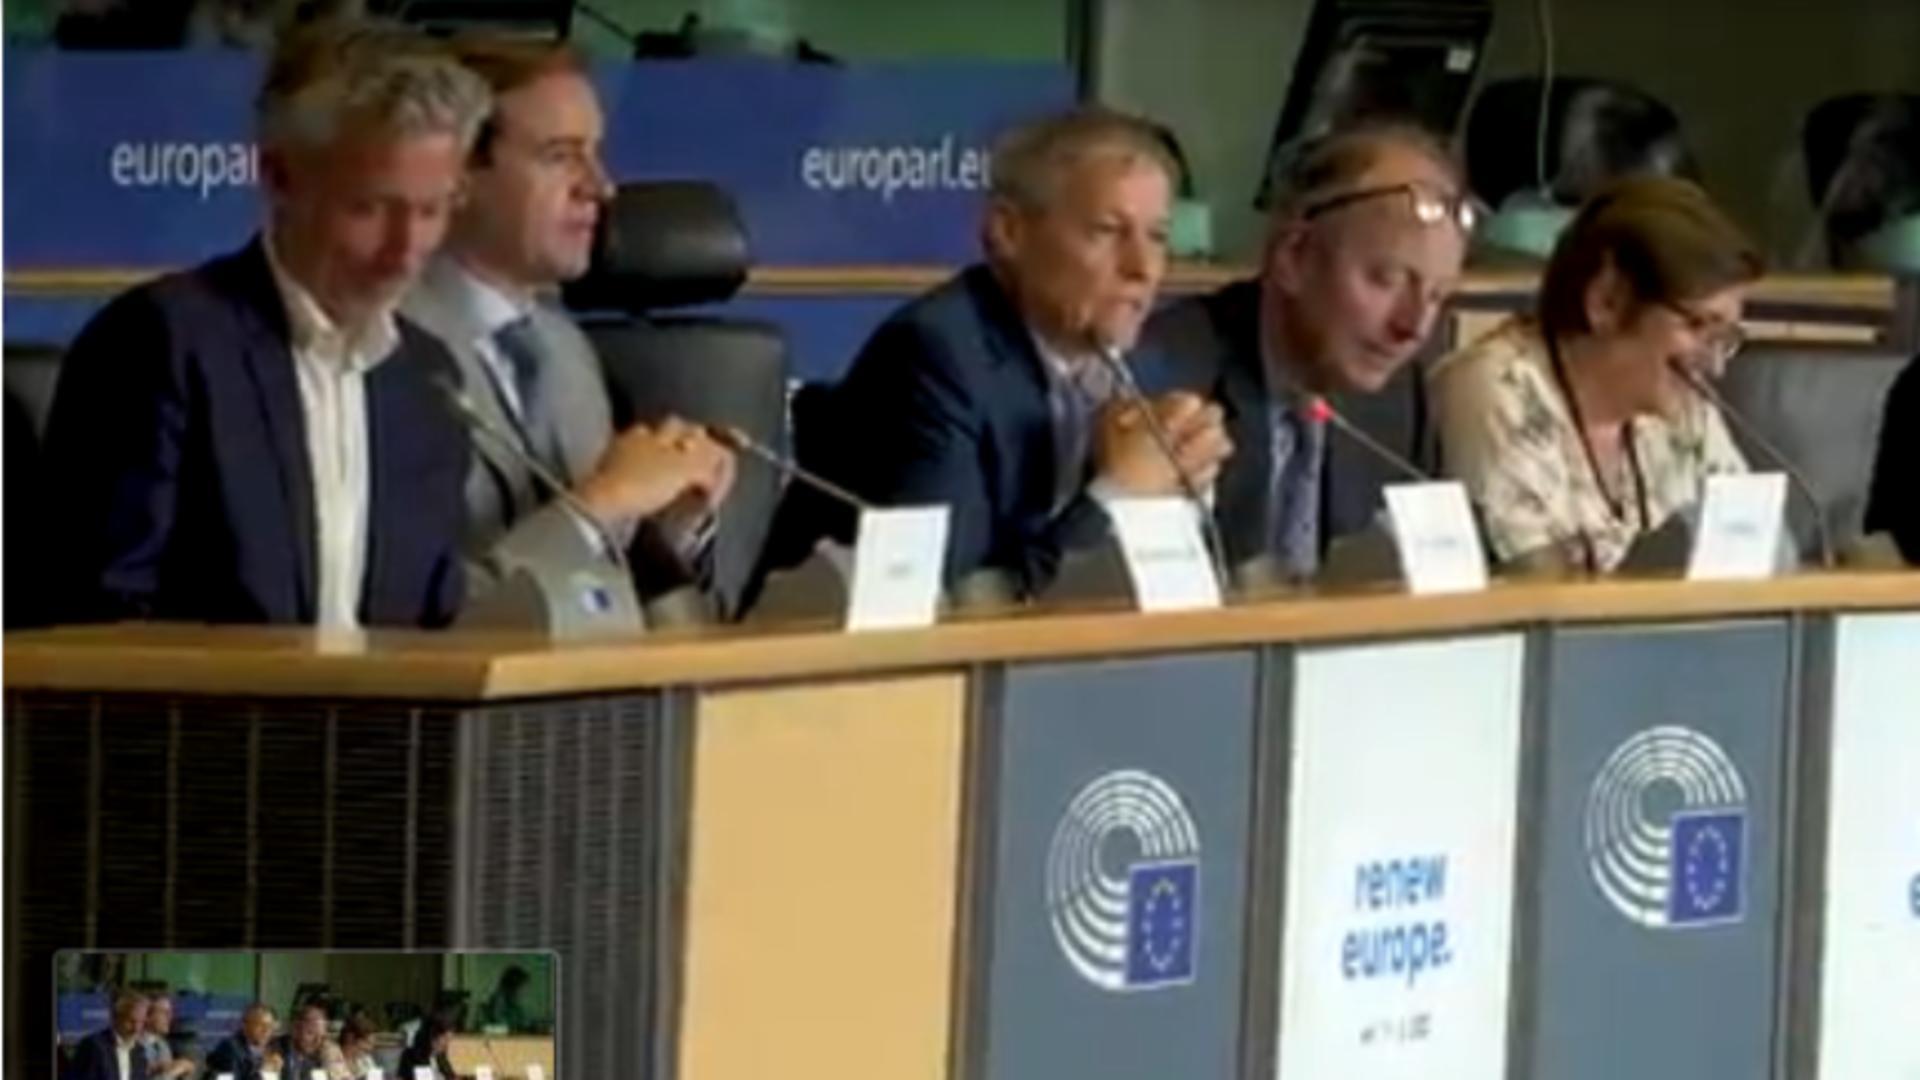 Grupul Renew Europe / Captură foto Parlamentul European